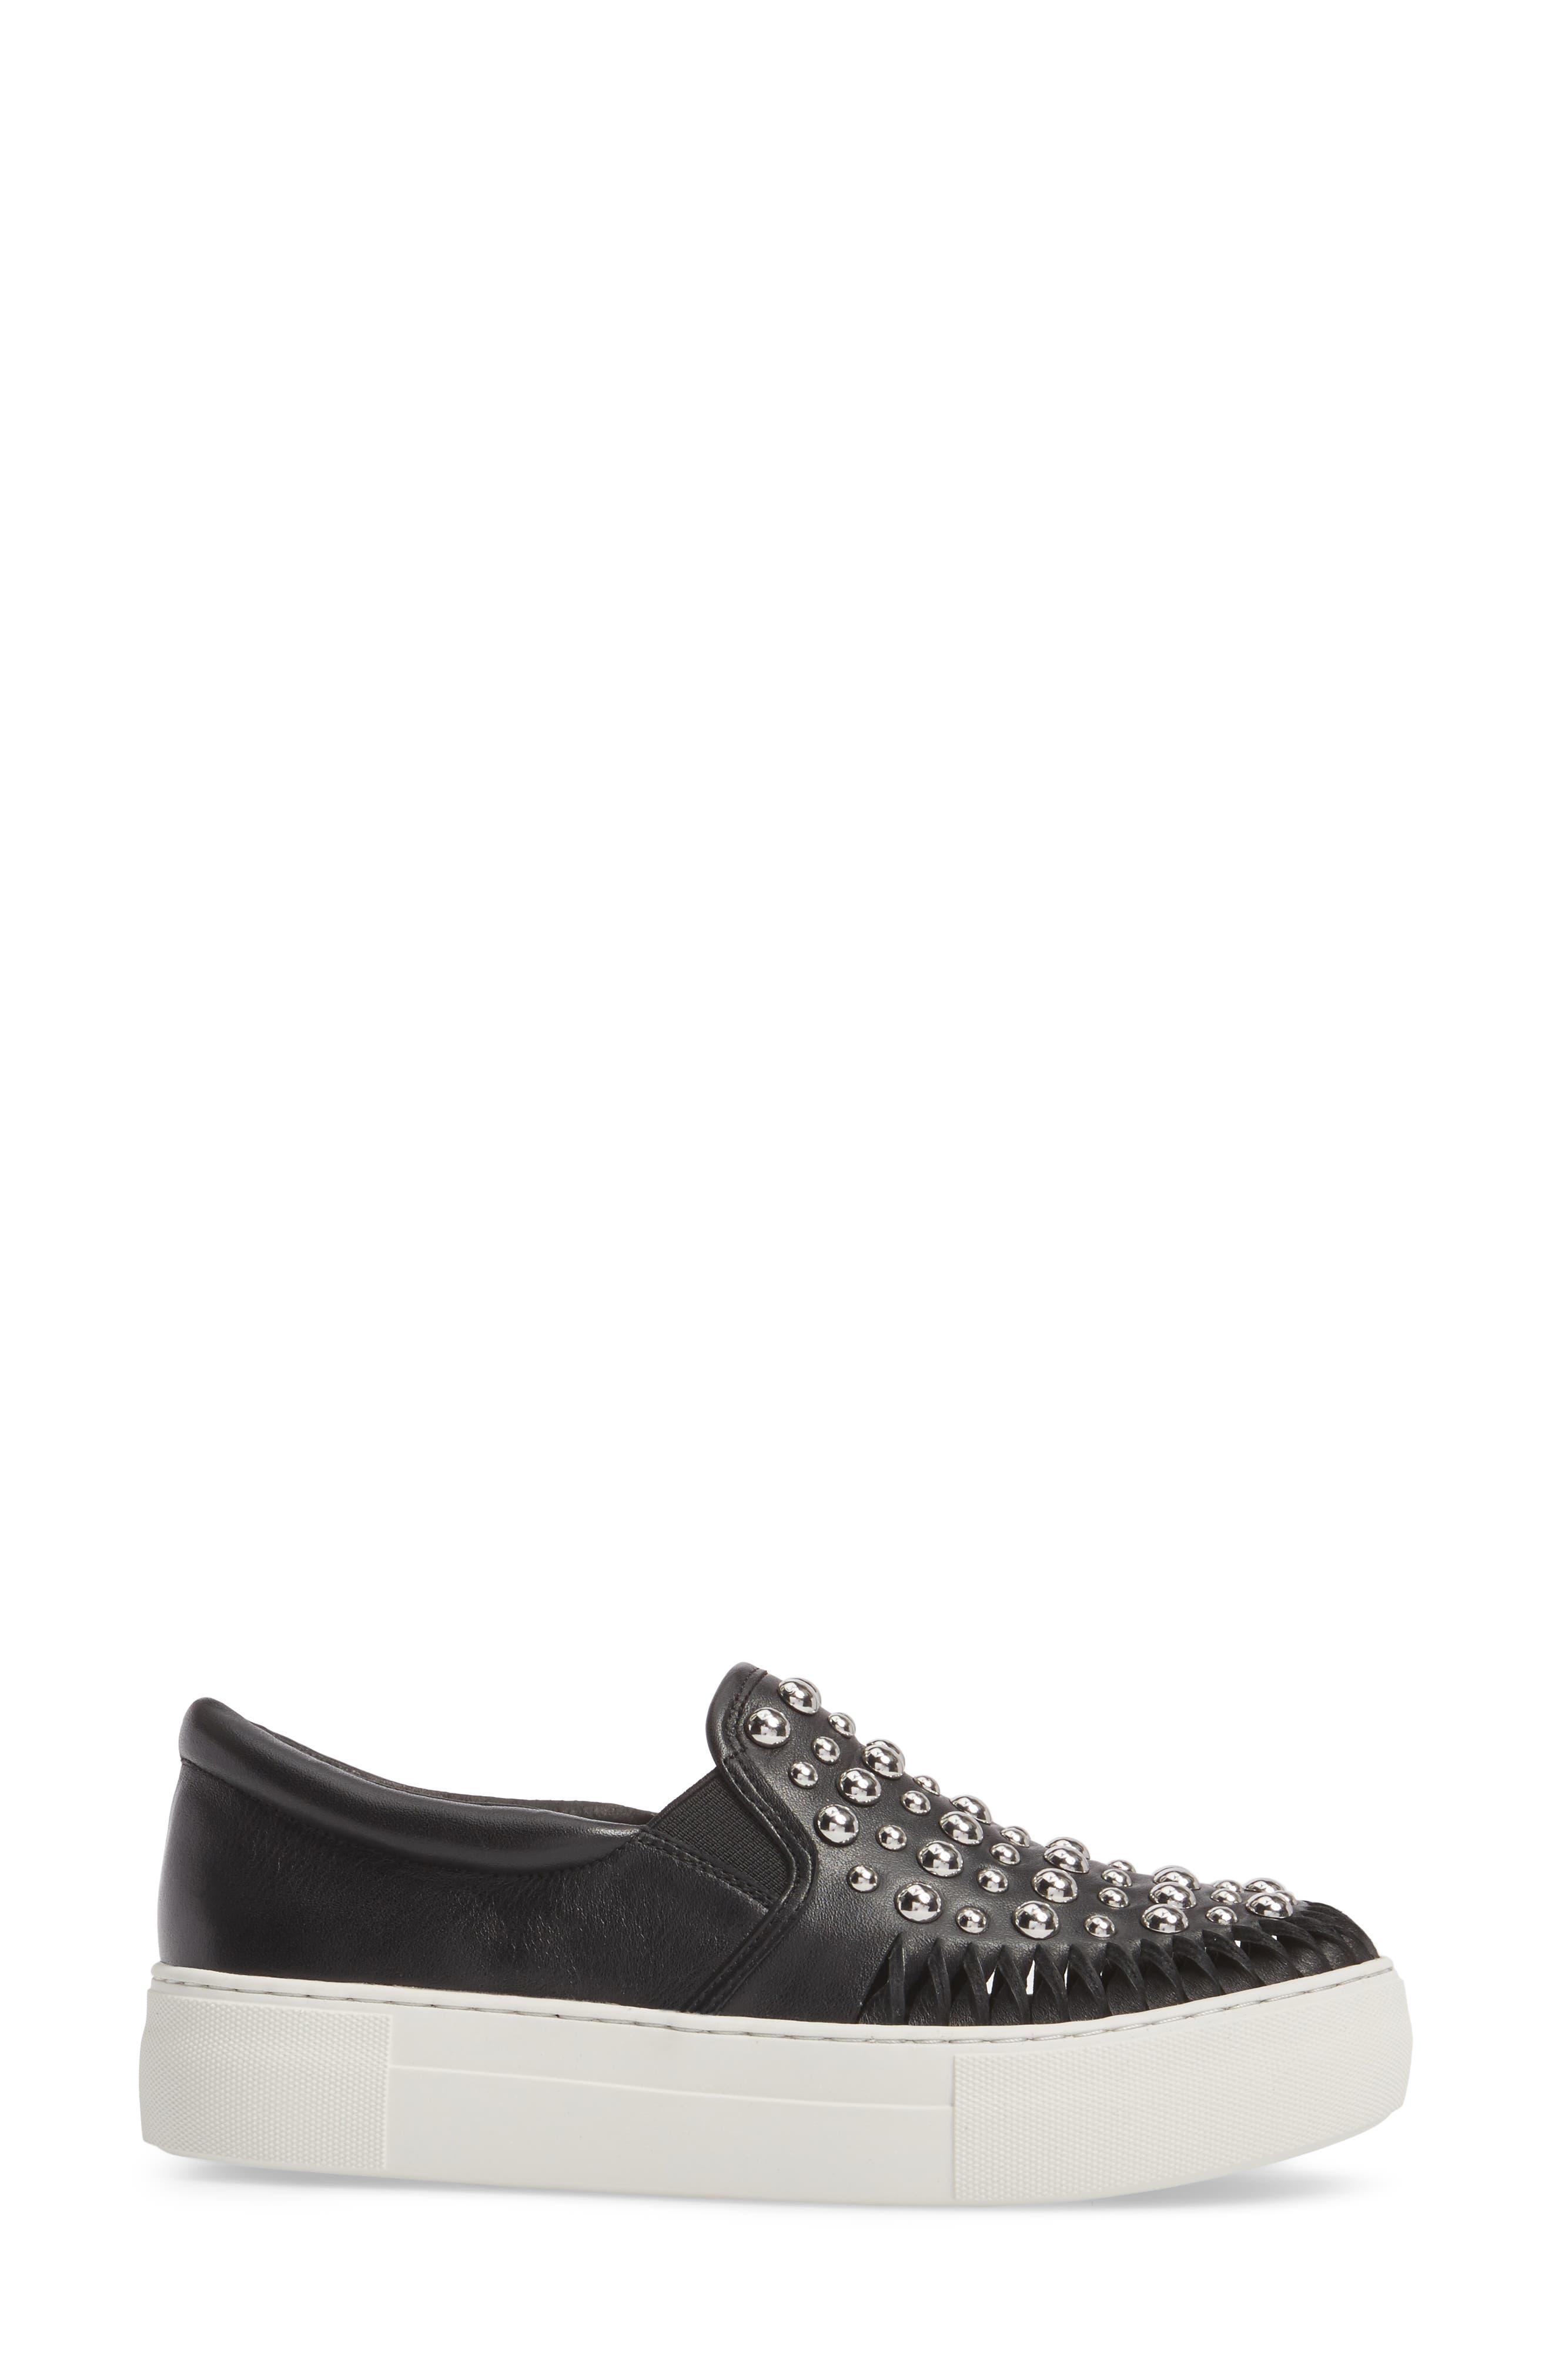 Alternate Image 3  - JSlides AZT Studded Slip-On Sneaker (Women)